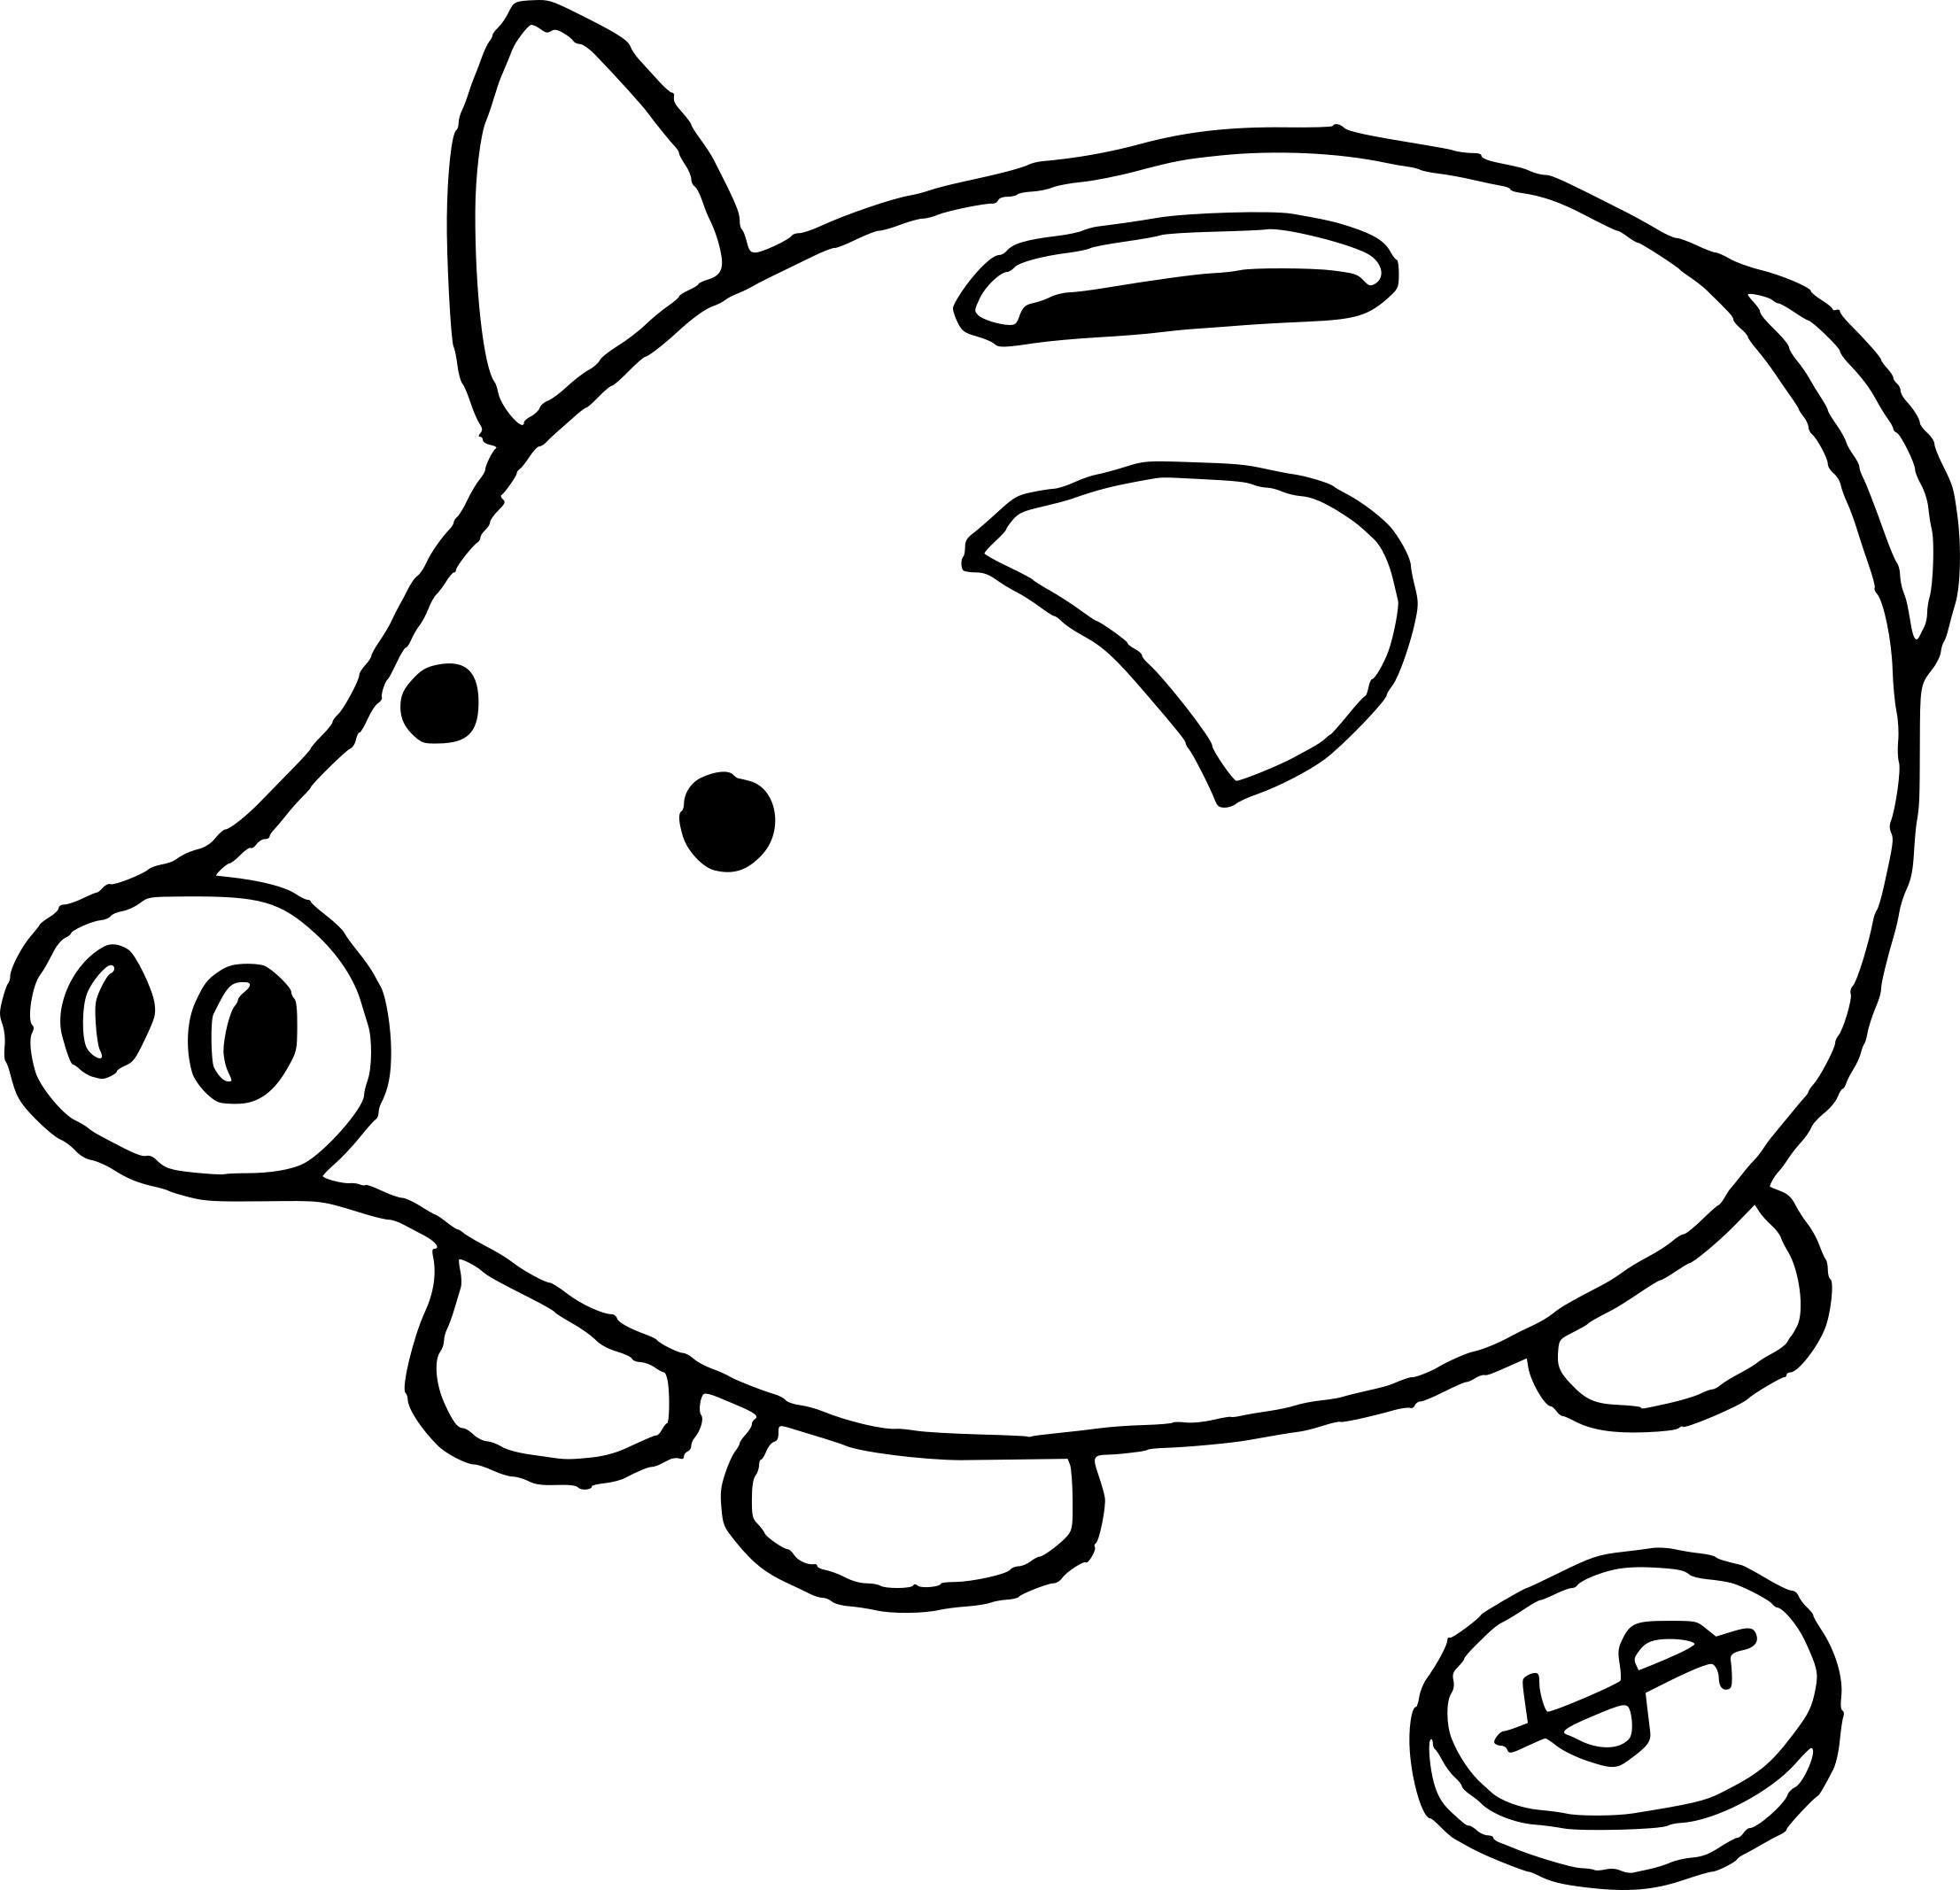 Coloriage Tirelire Dessin À Imprimer Sur Coloriages Avec destiné Dessin Cochon A Colorier